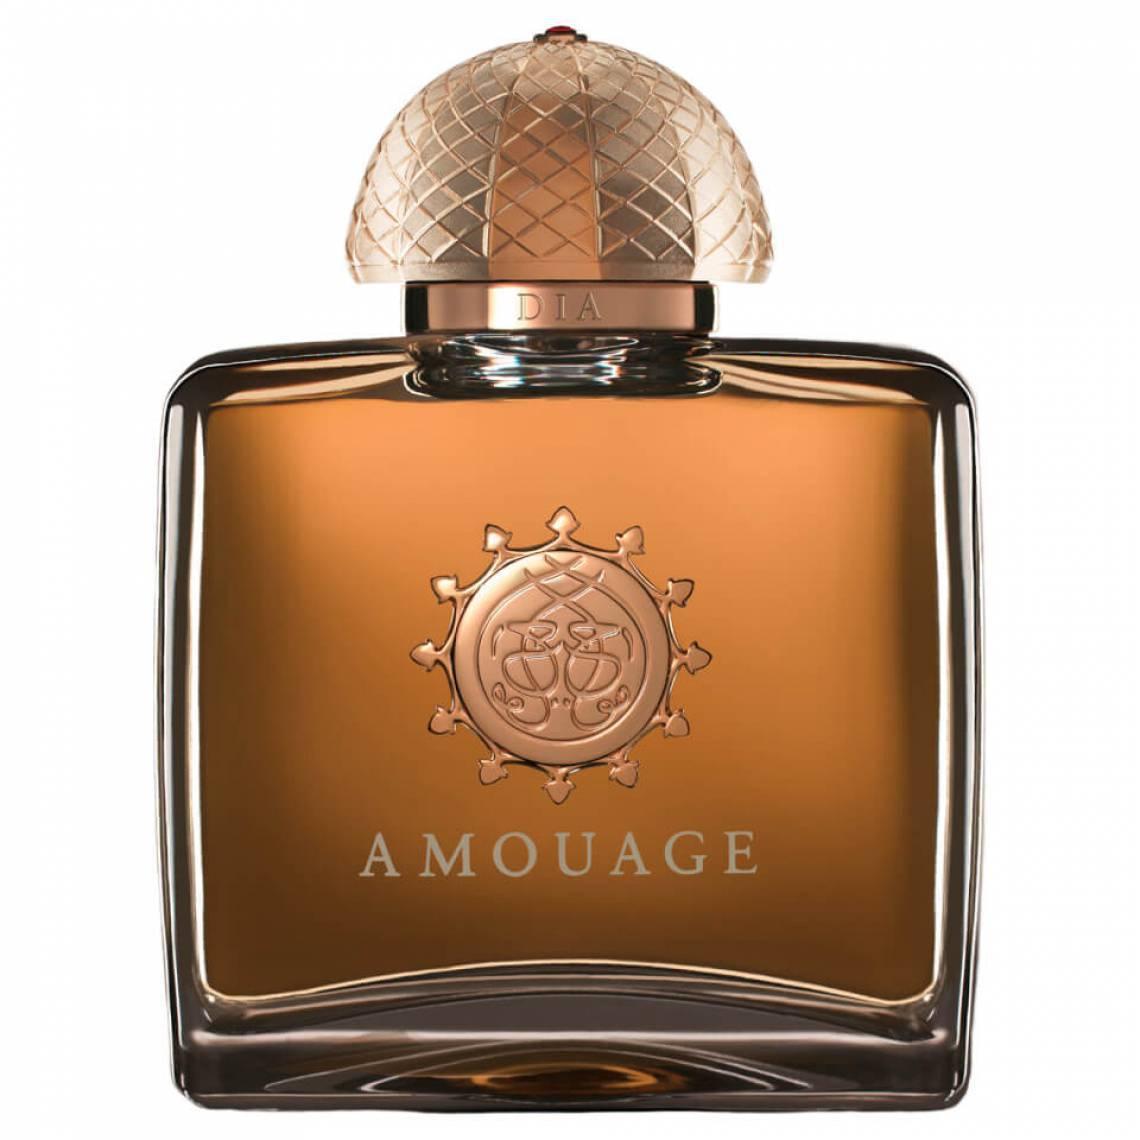 Amouage, Dia